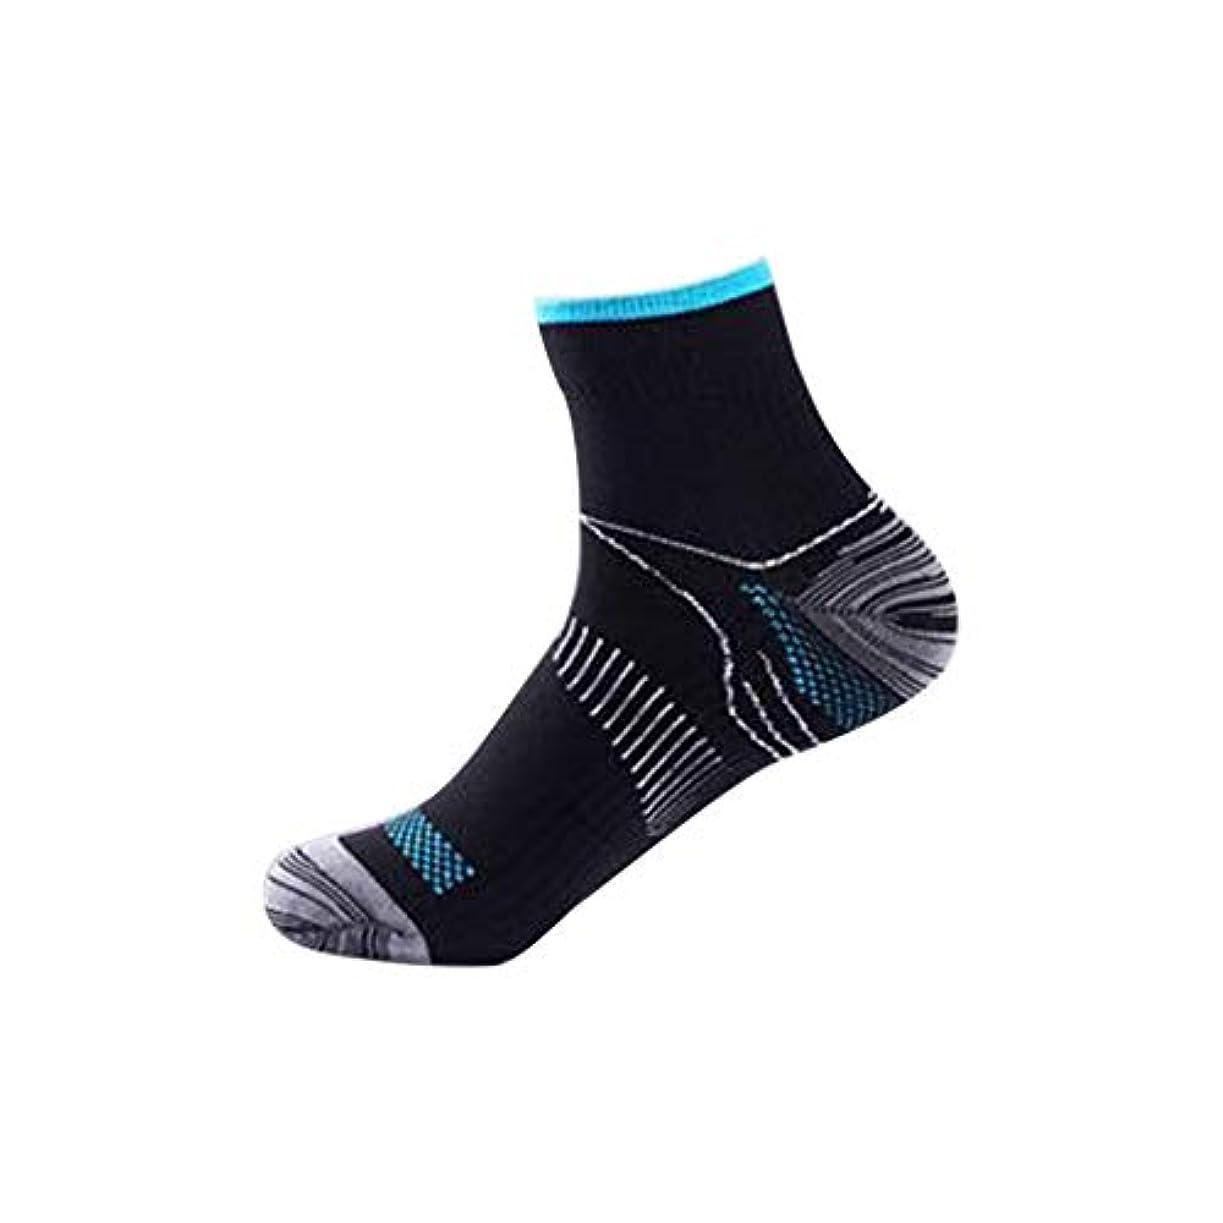 ポット擁する独立して快適な男性の女性の膝の靴下のサポートストレッチ通気性の靴下の下の短いストレッチ圧縮の靴下